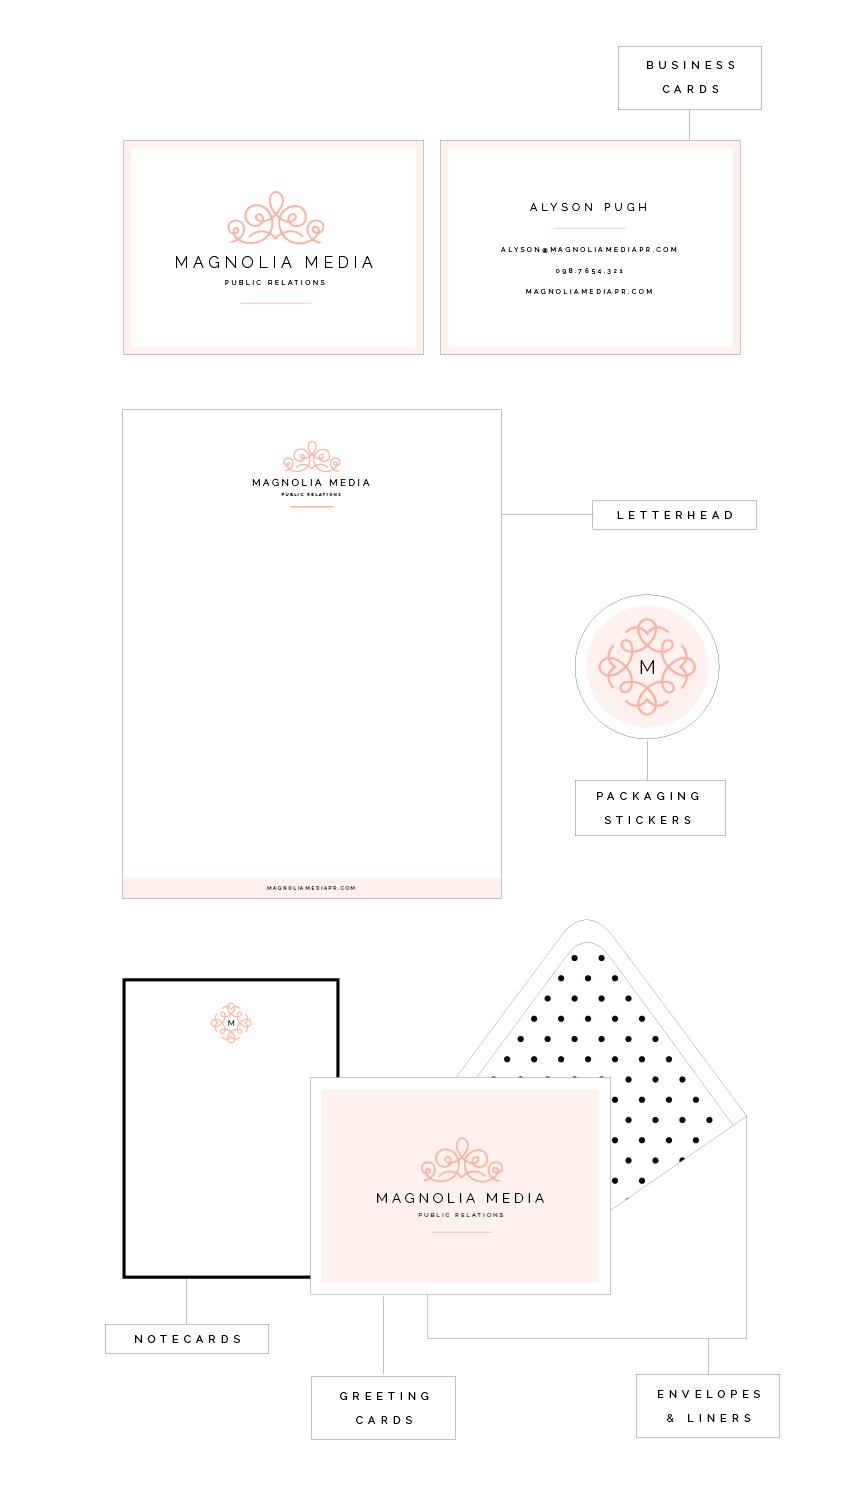 Collateral designs for Magnolia Media PR - Elle & Company